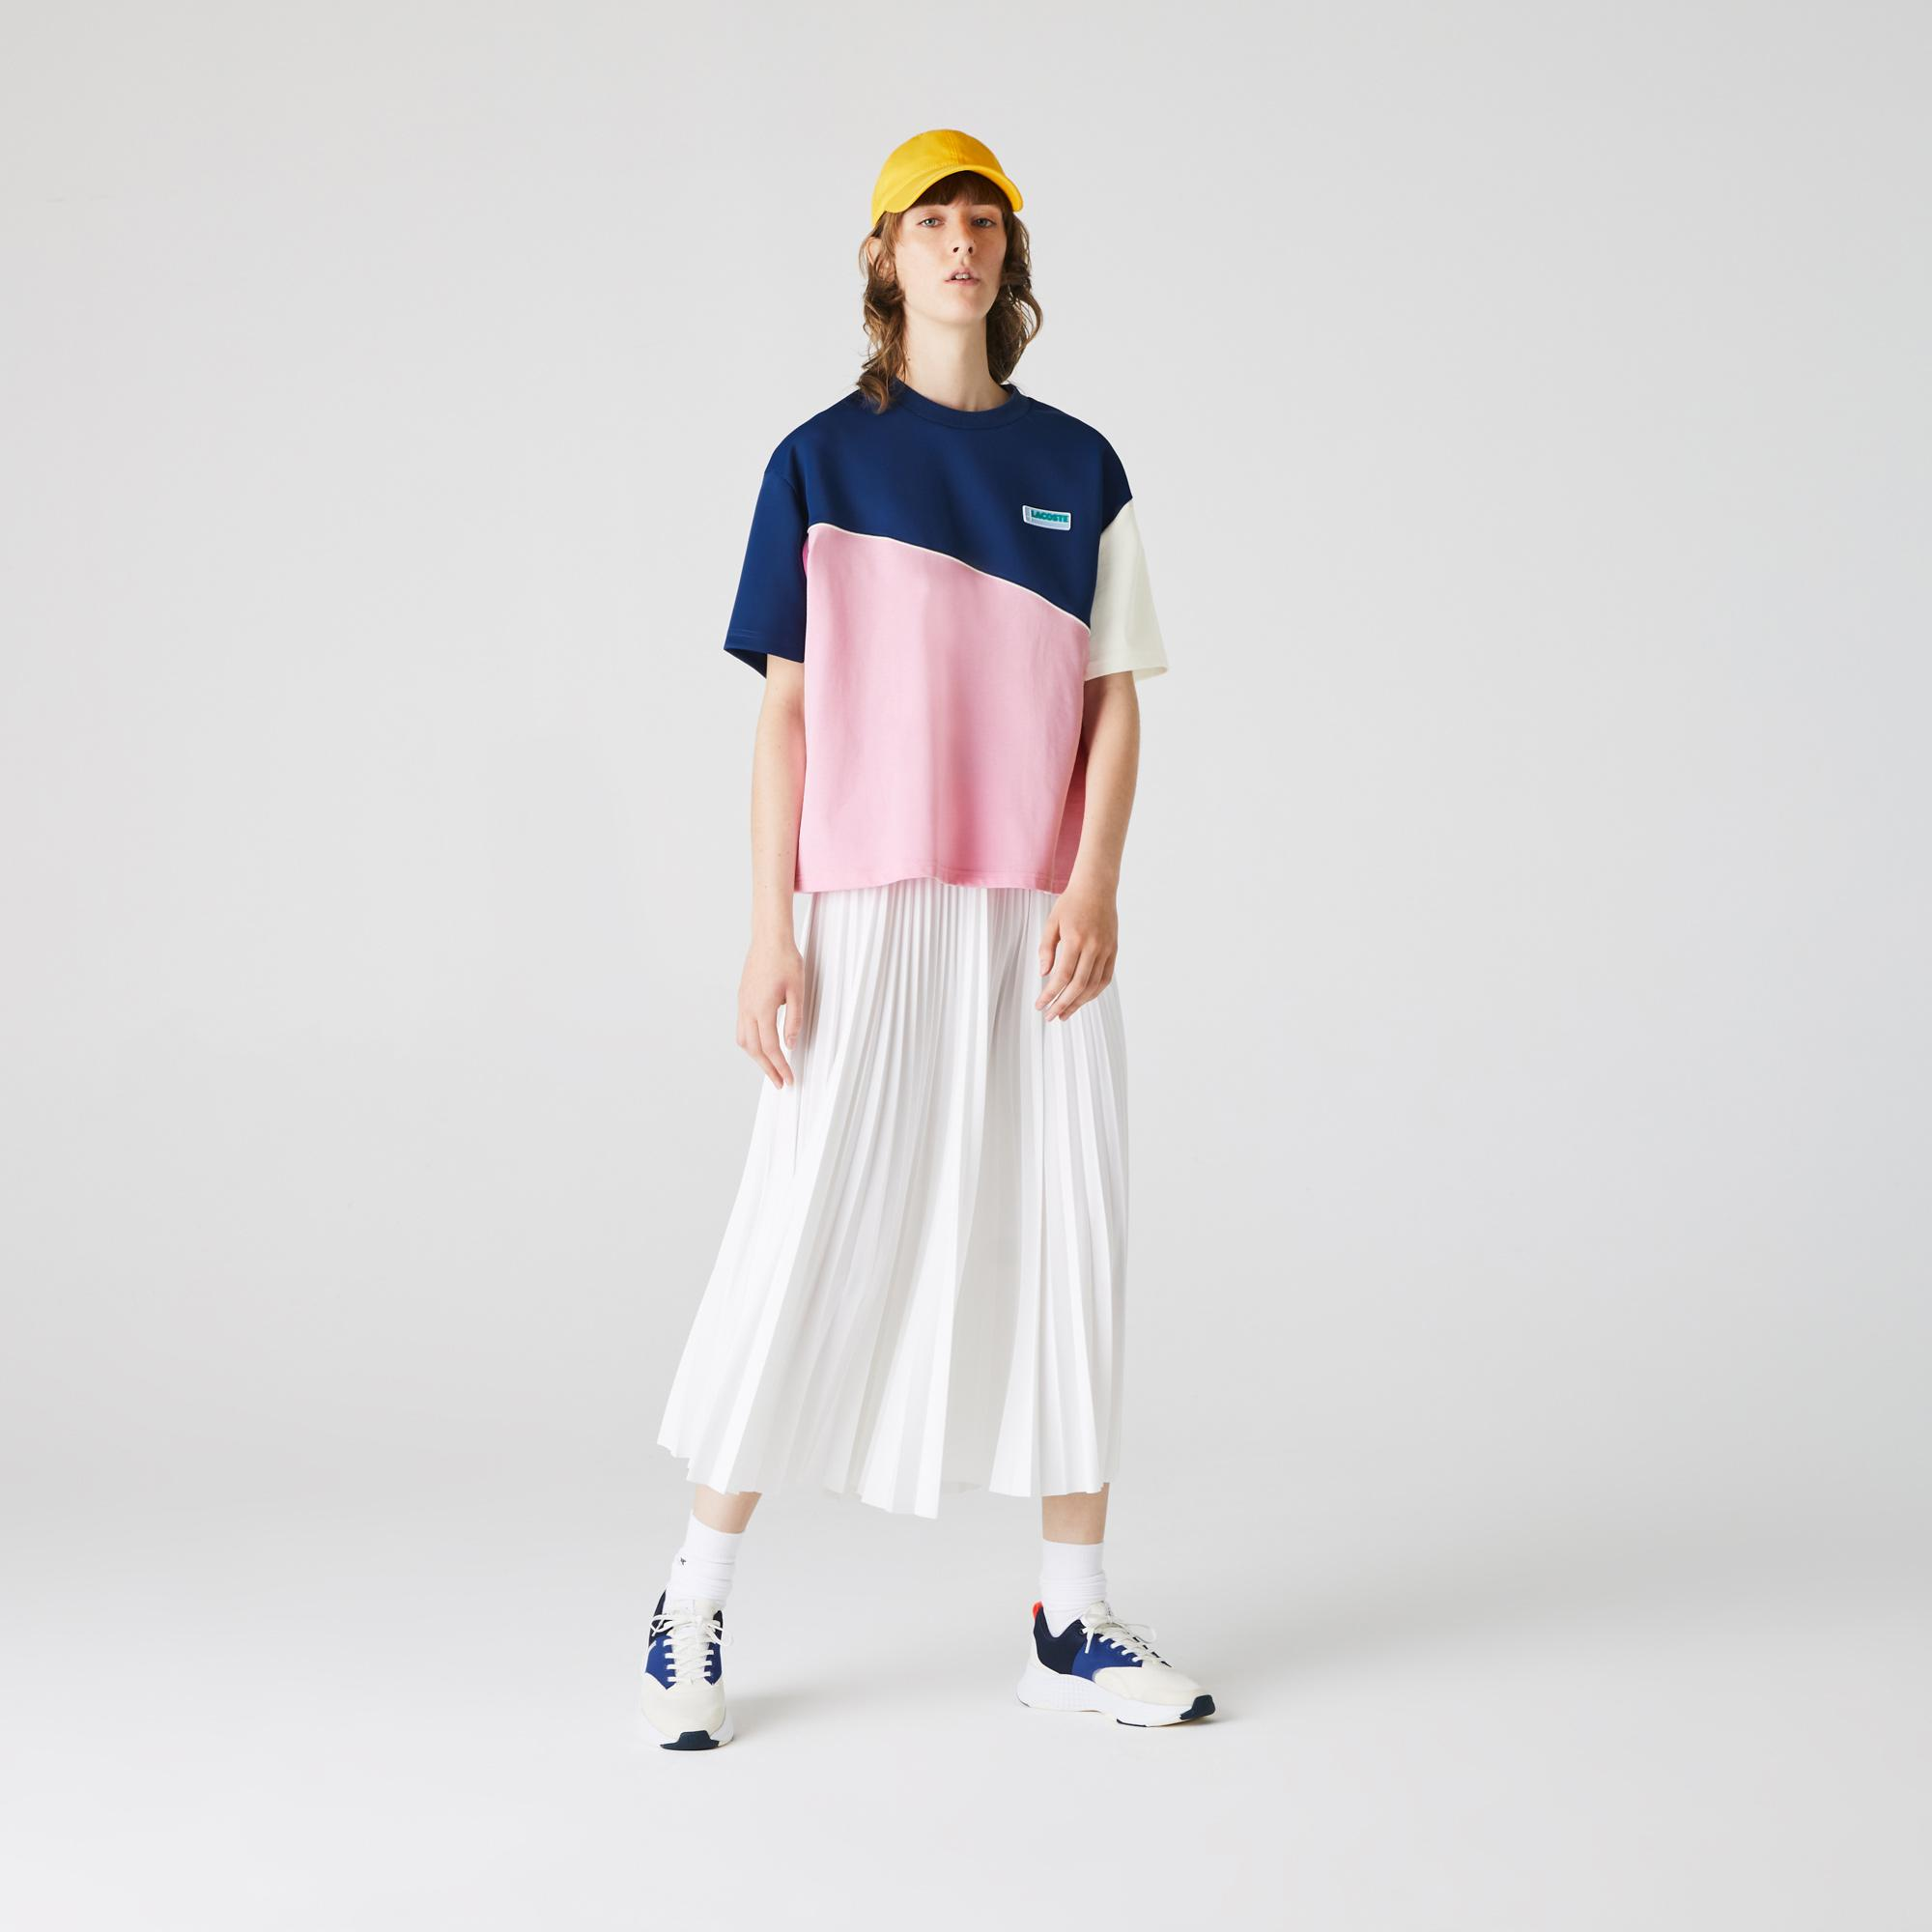 Lacoste L!VE Kadın Blok Desenli Bisiklet Yaka Kısa Kollu Renkli T-Shirt